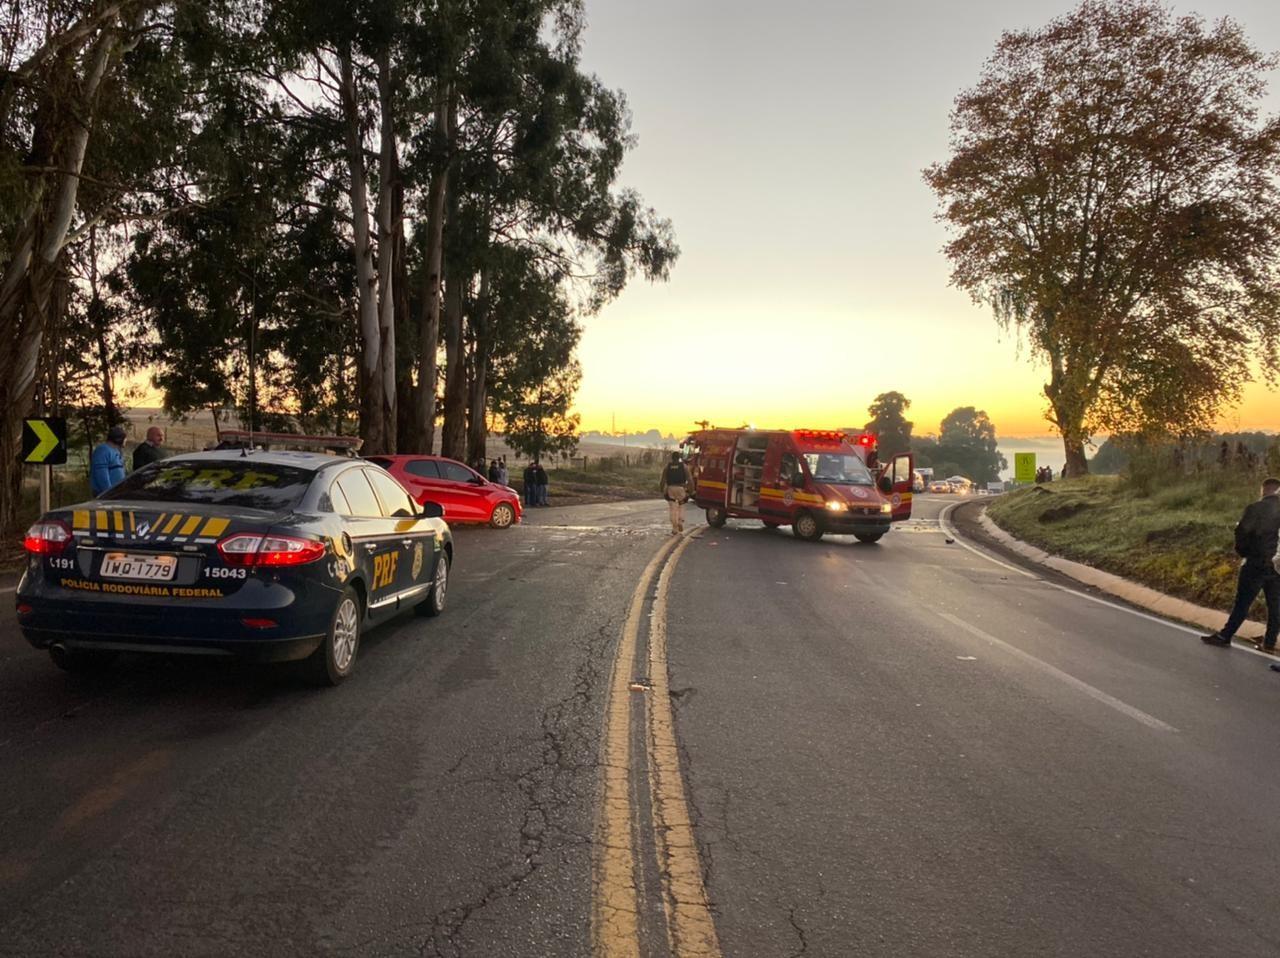 Homem de 27 anos morre após acidente entre dois carros na BR-116, em Vacaria